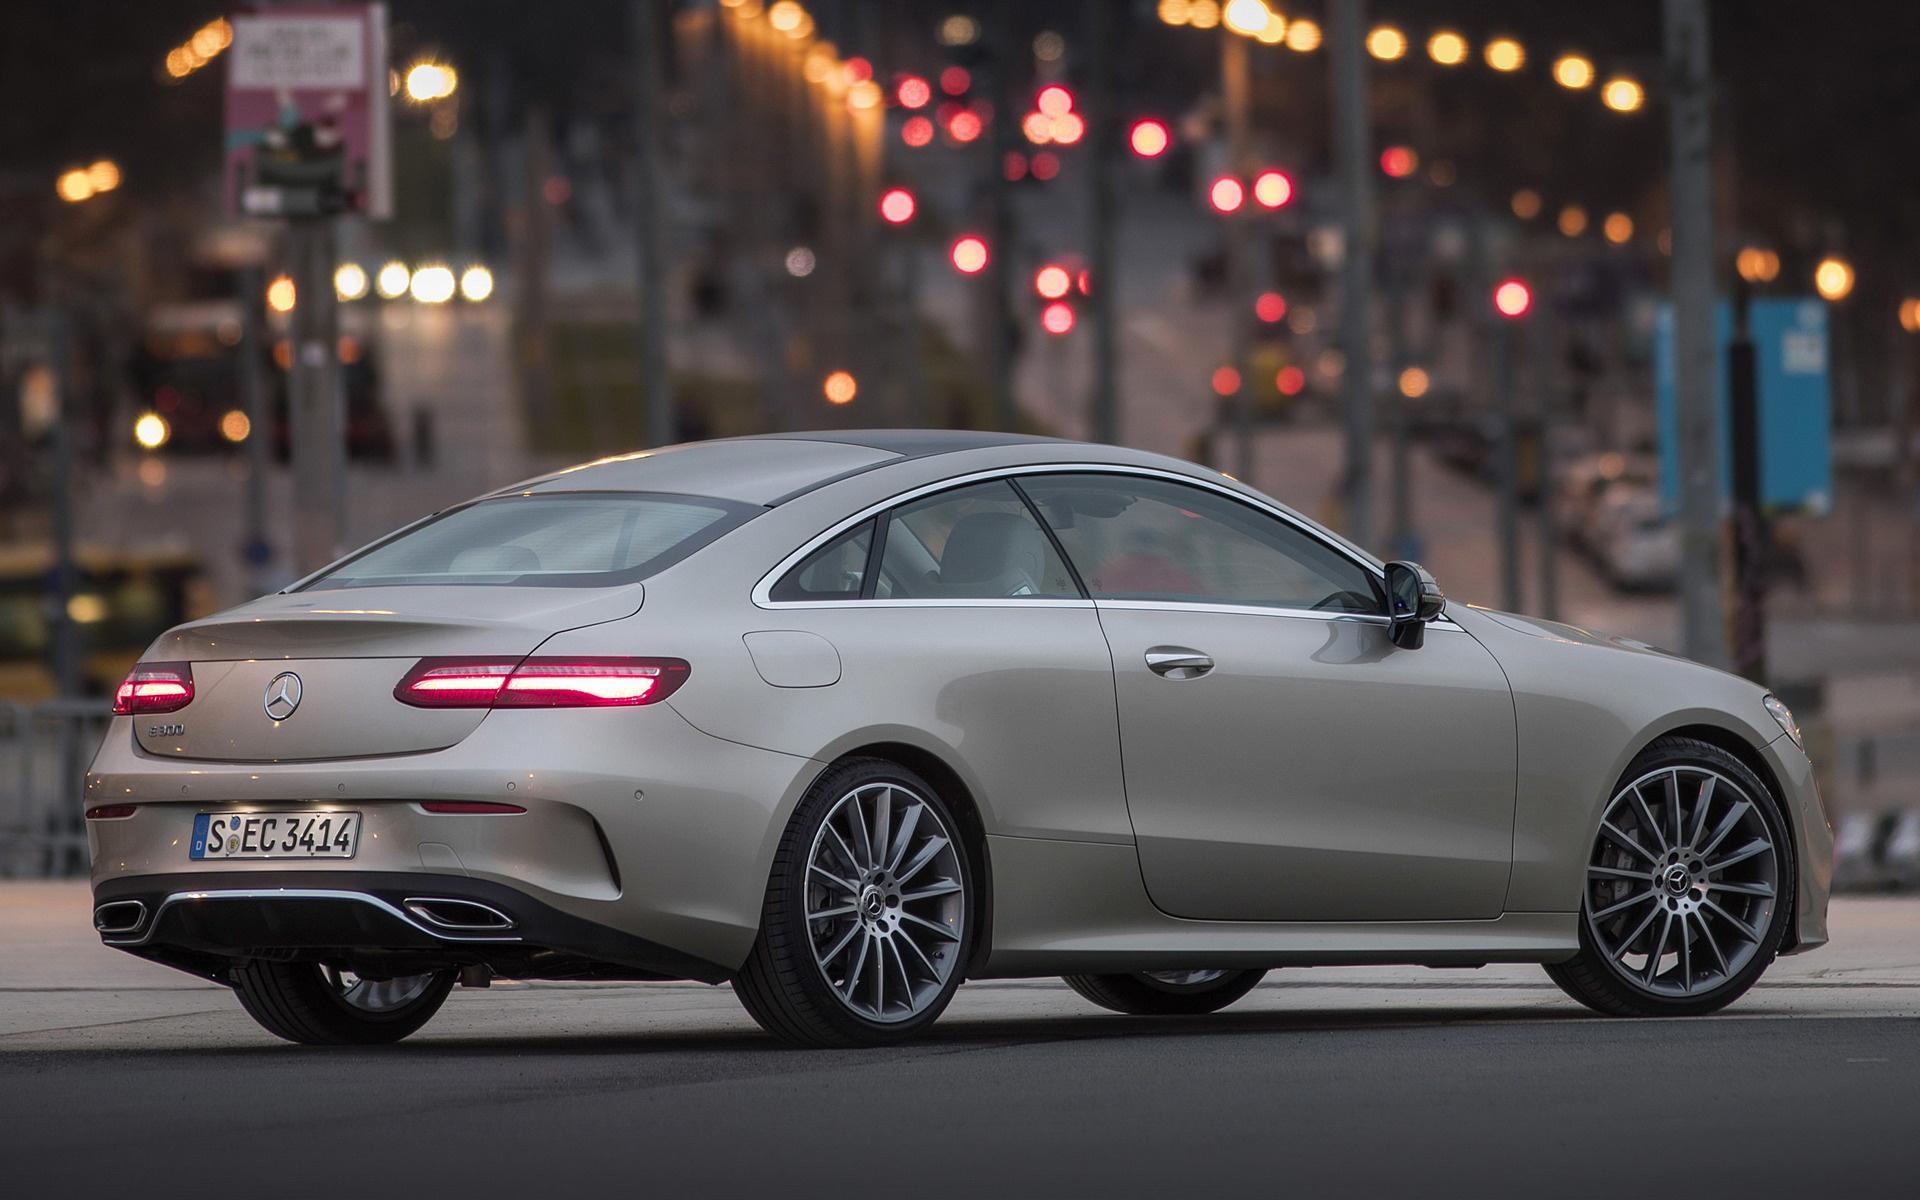 https://www.carpixel.net/w/4f9431fd86979088a6405a4ac2472899/mercedes-benz-e-class-coupe-amg-line-car-wallpaper-64306.jpg